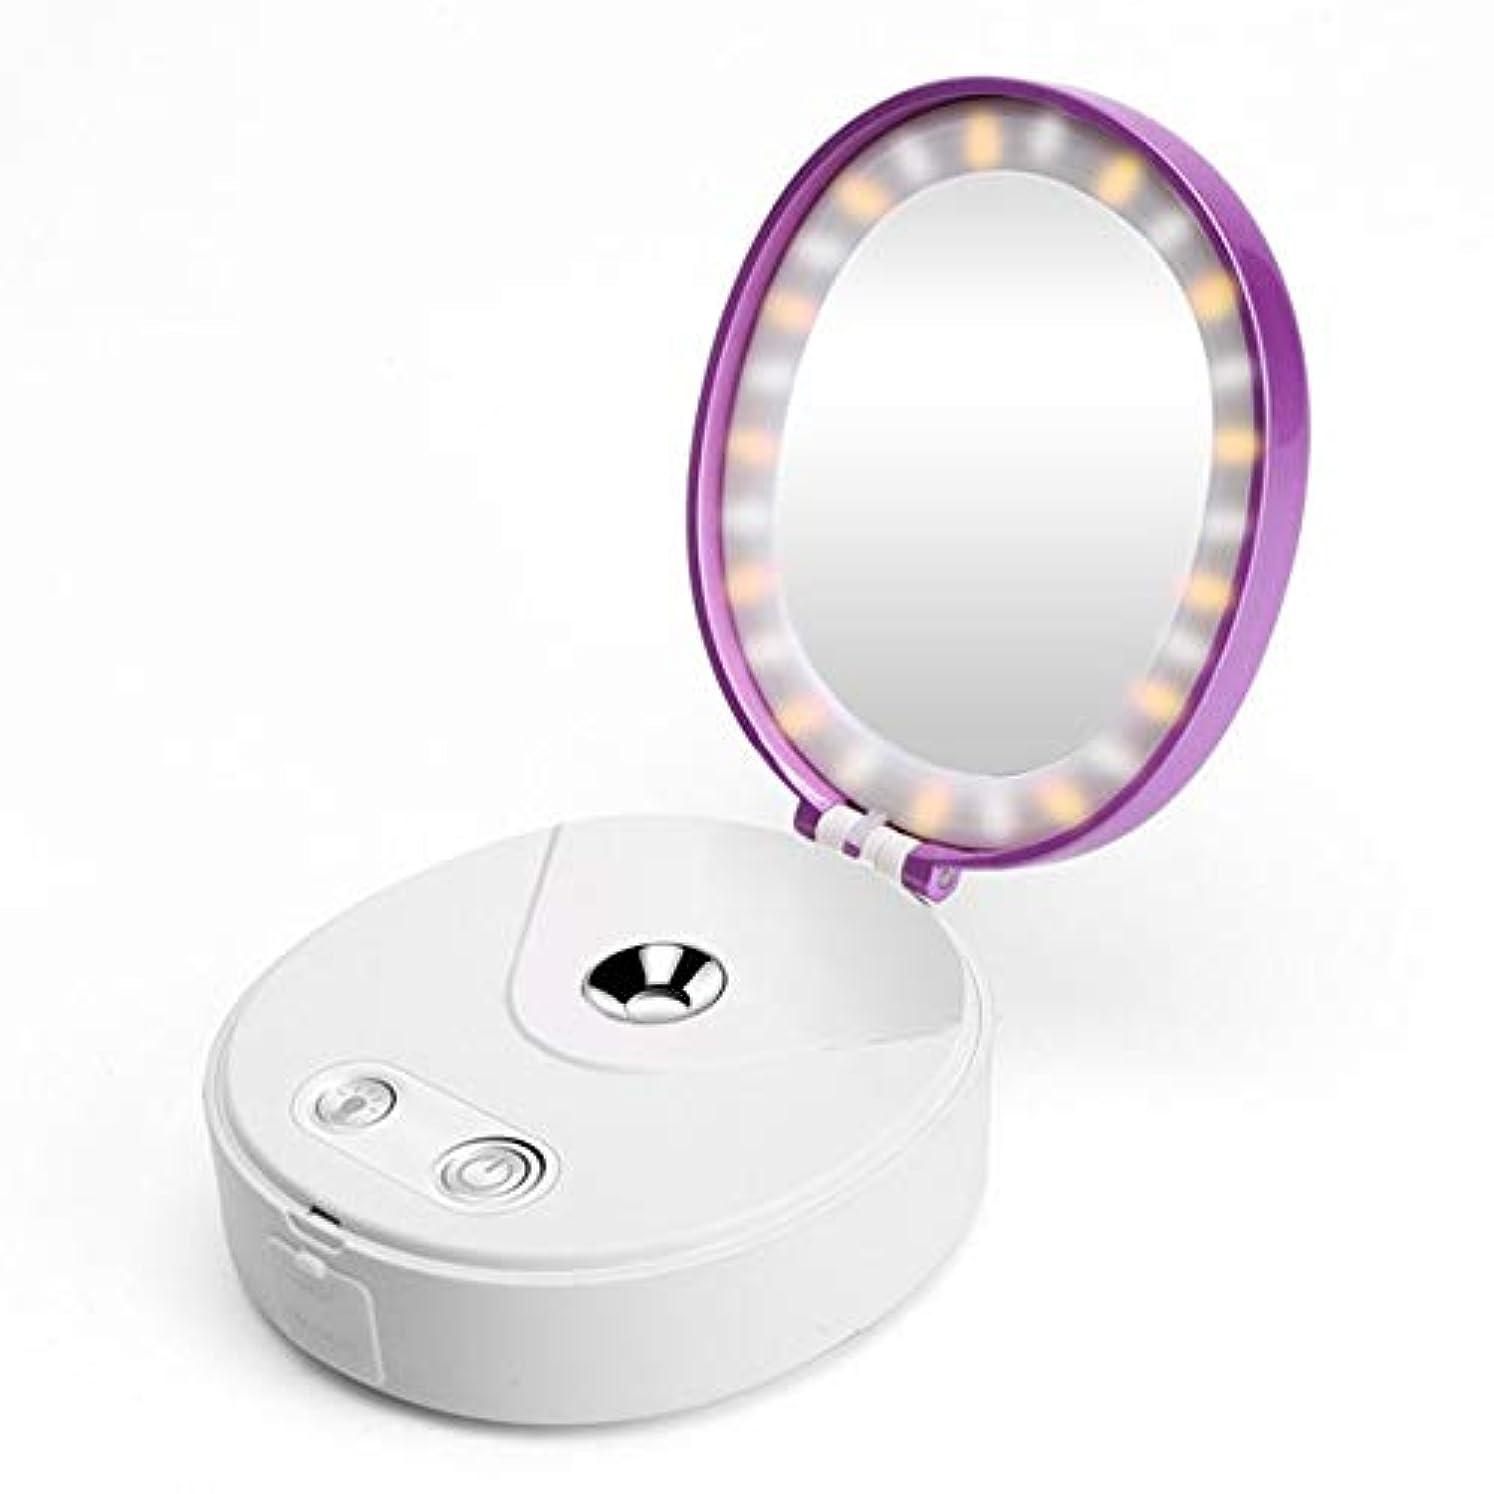 密煙アレキサンダーグラハムベル化粧鏡ライト力銀行が付いている1つの小型ナノ霧の冷たいスプレーヤーの顔の加湿器に付き4つ